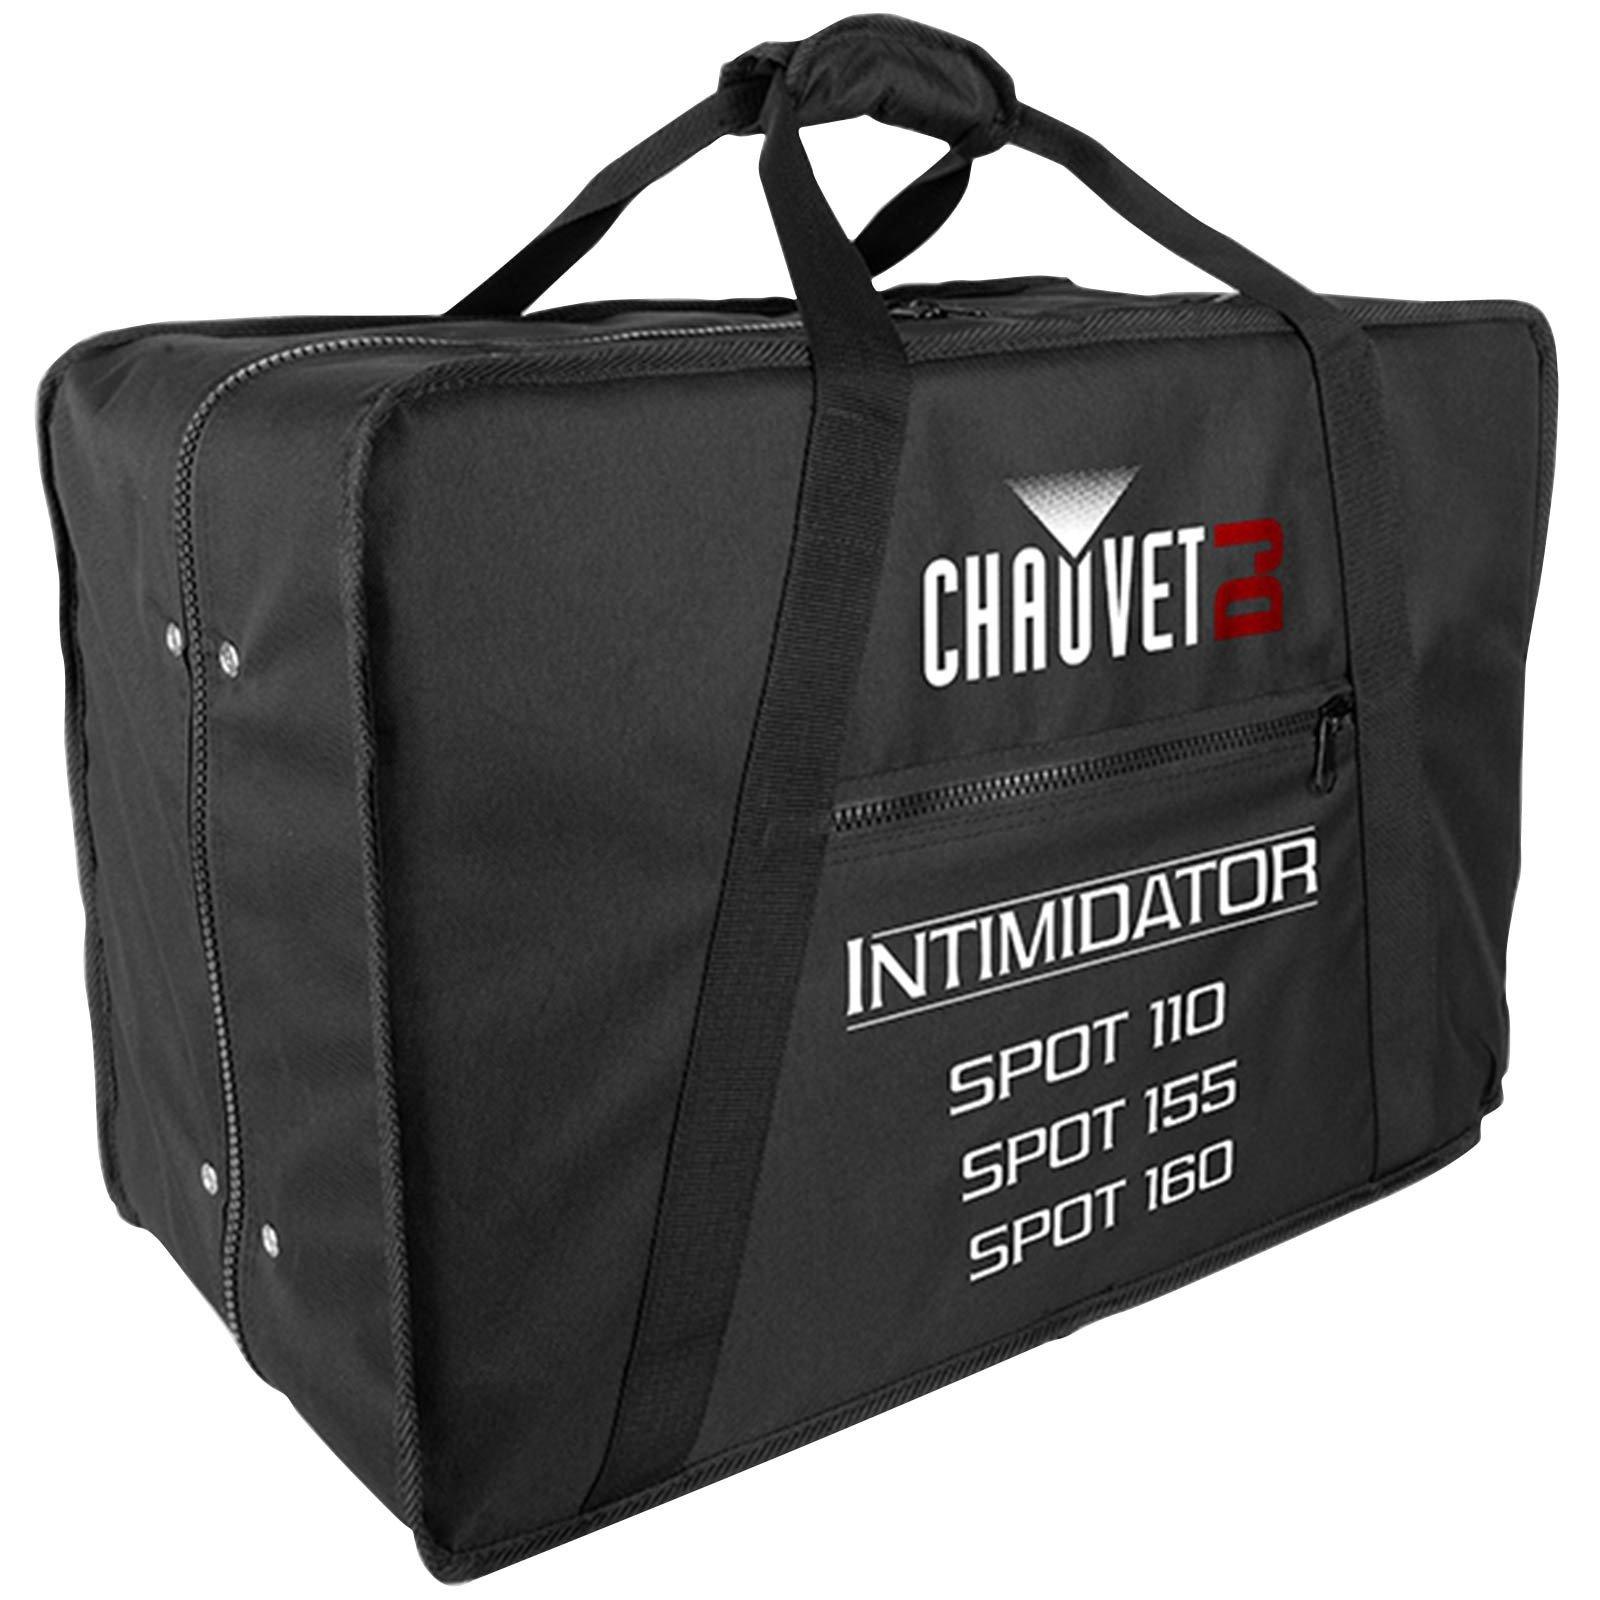 chauvet-dj-chs-1xx.jpeg